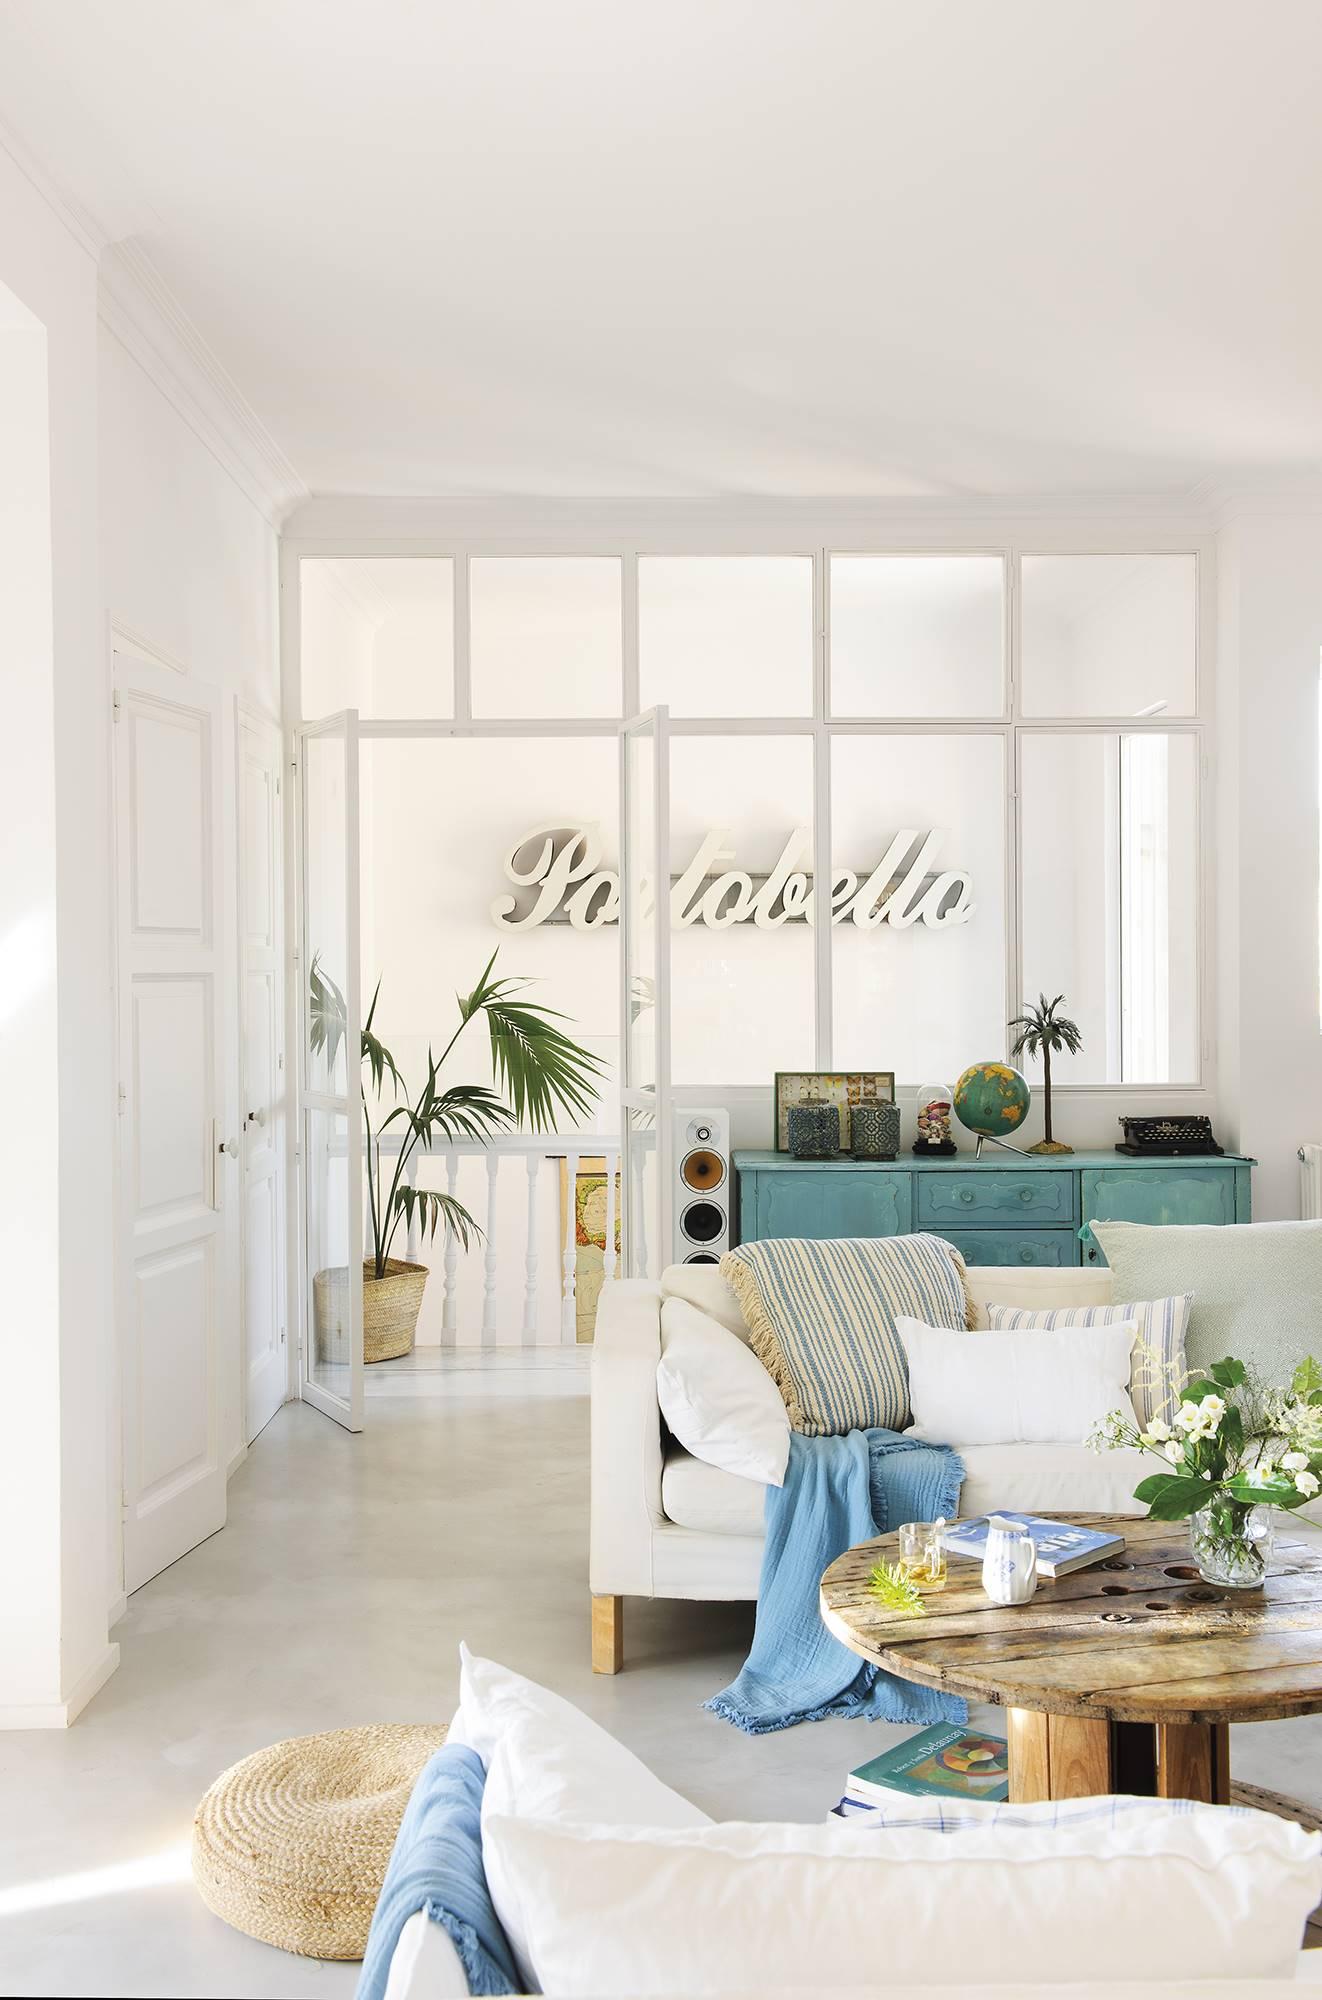 Vista de salón blanco hacia escalera. Un acertado y personal mix de estilos